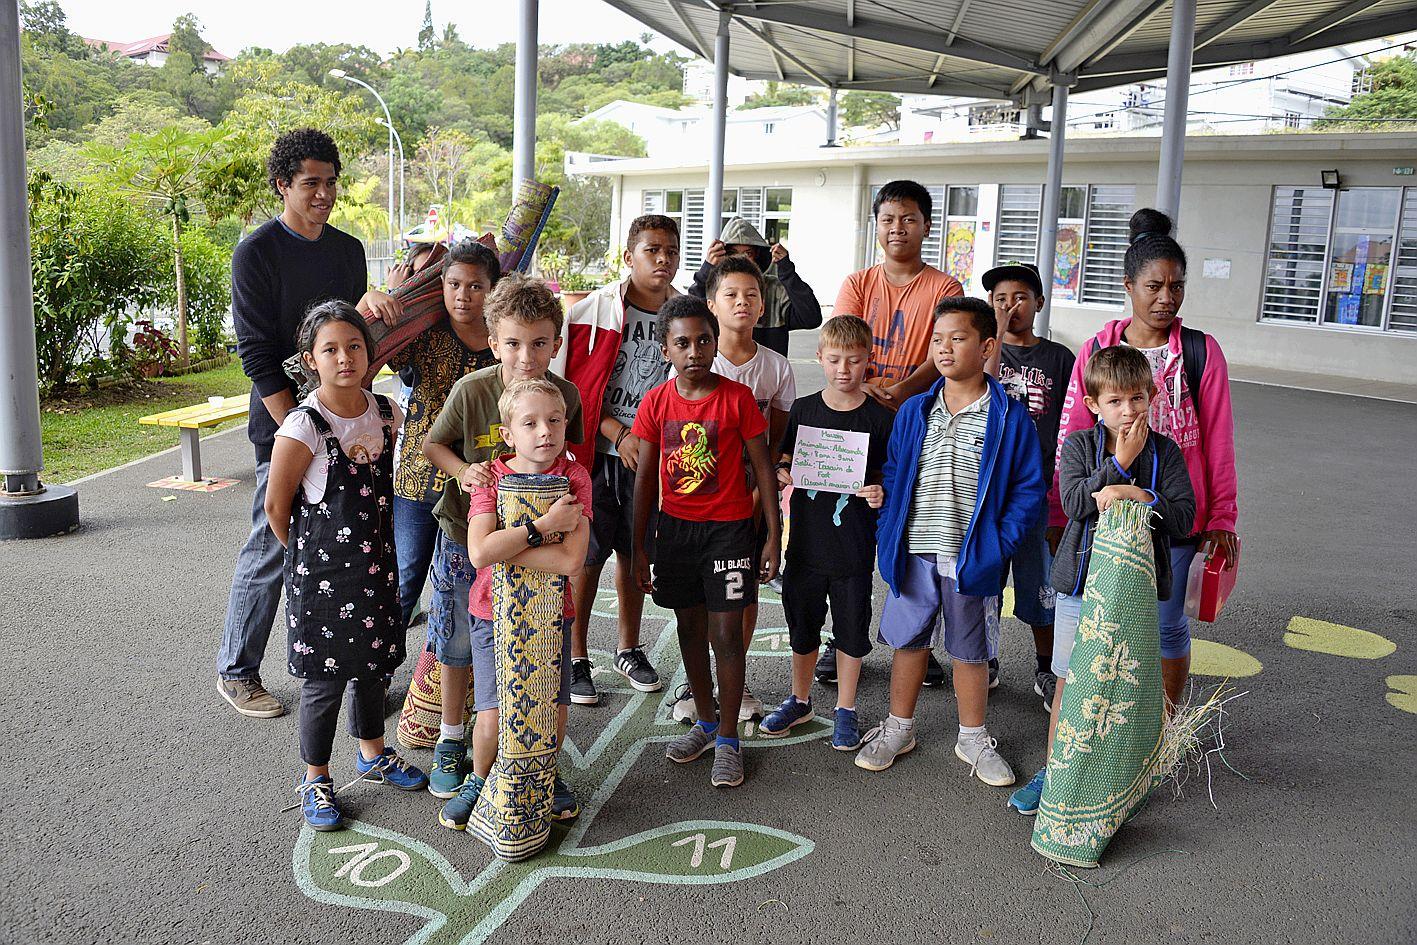 A l'école Guy-Champmoreau, le centre de l'Acaf reçoit près de 80 enfants qui font des activités autour du héros Tchoupi pour les petits et de l'astronomie pour les grands.